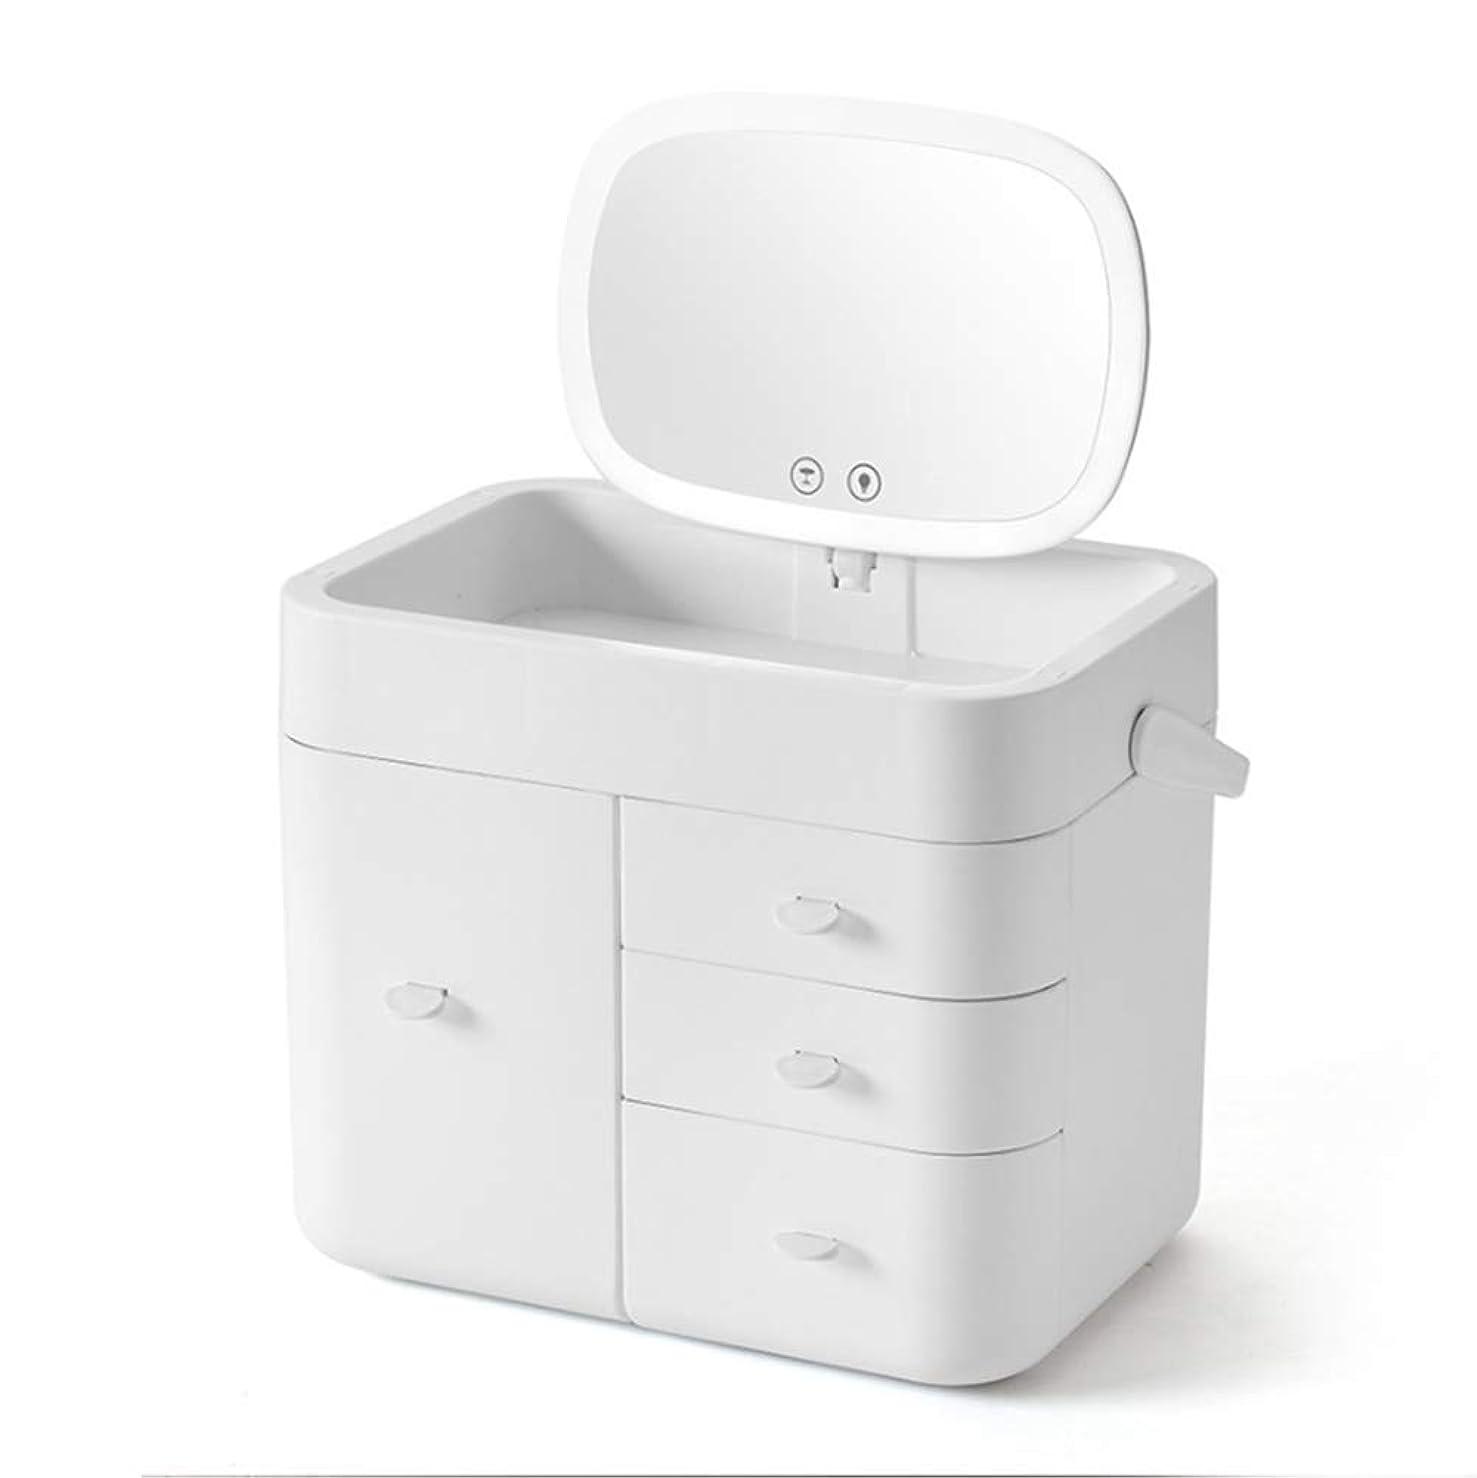 パトワ赤まさにJATANSU コスメボックス メイクボックス 可愛い 姫系 持ち運び 防水防湿 大容量 引き出し 2カラー (ホワイト)